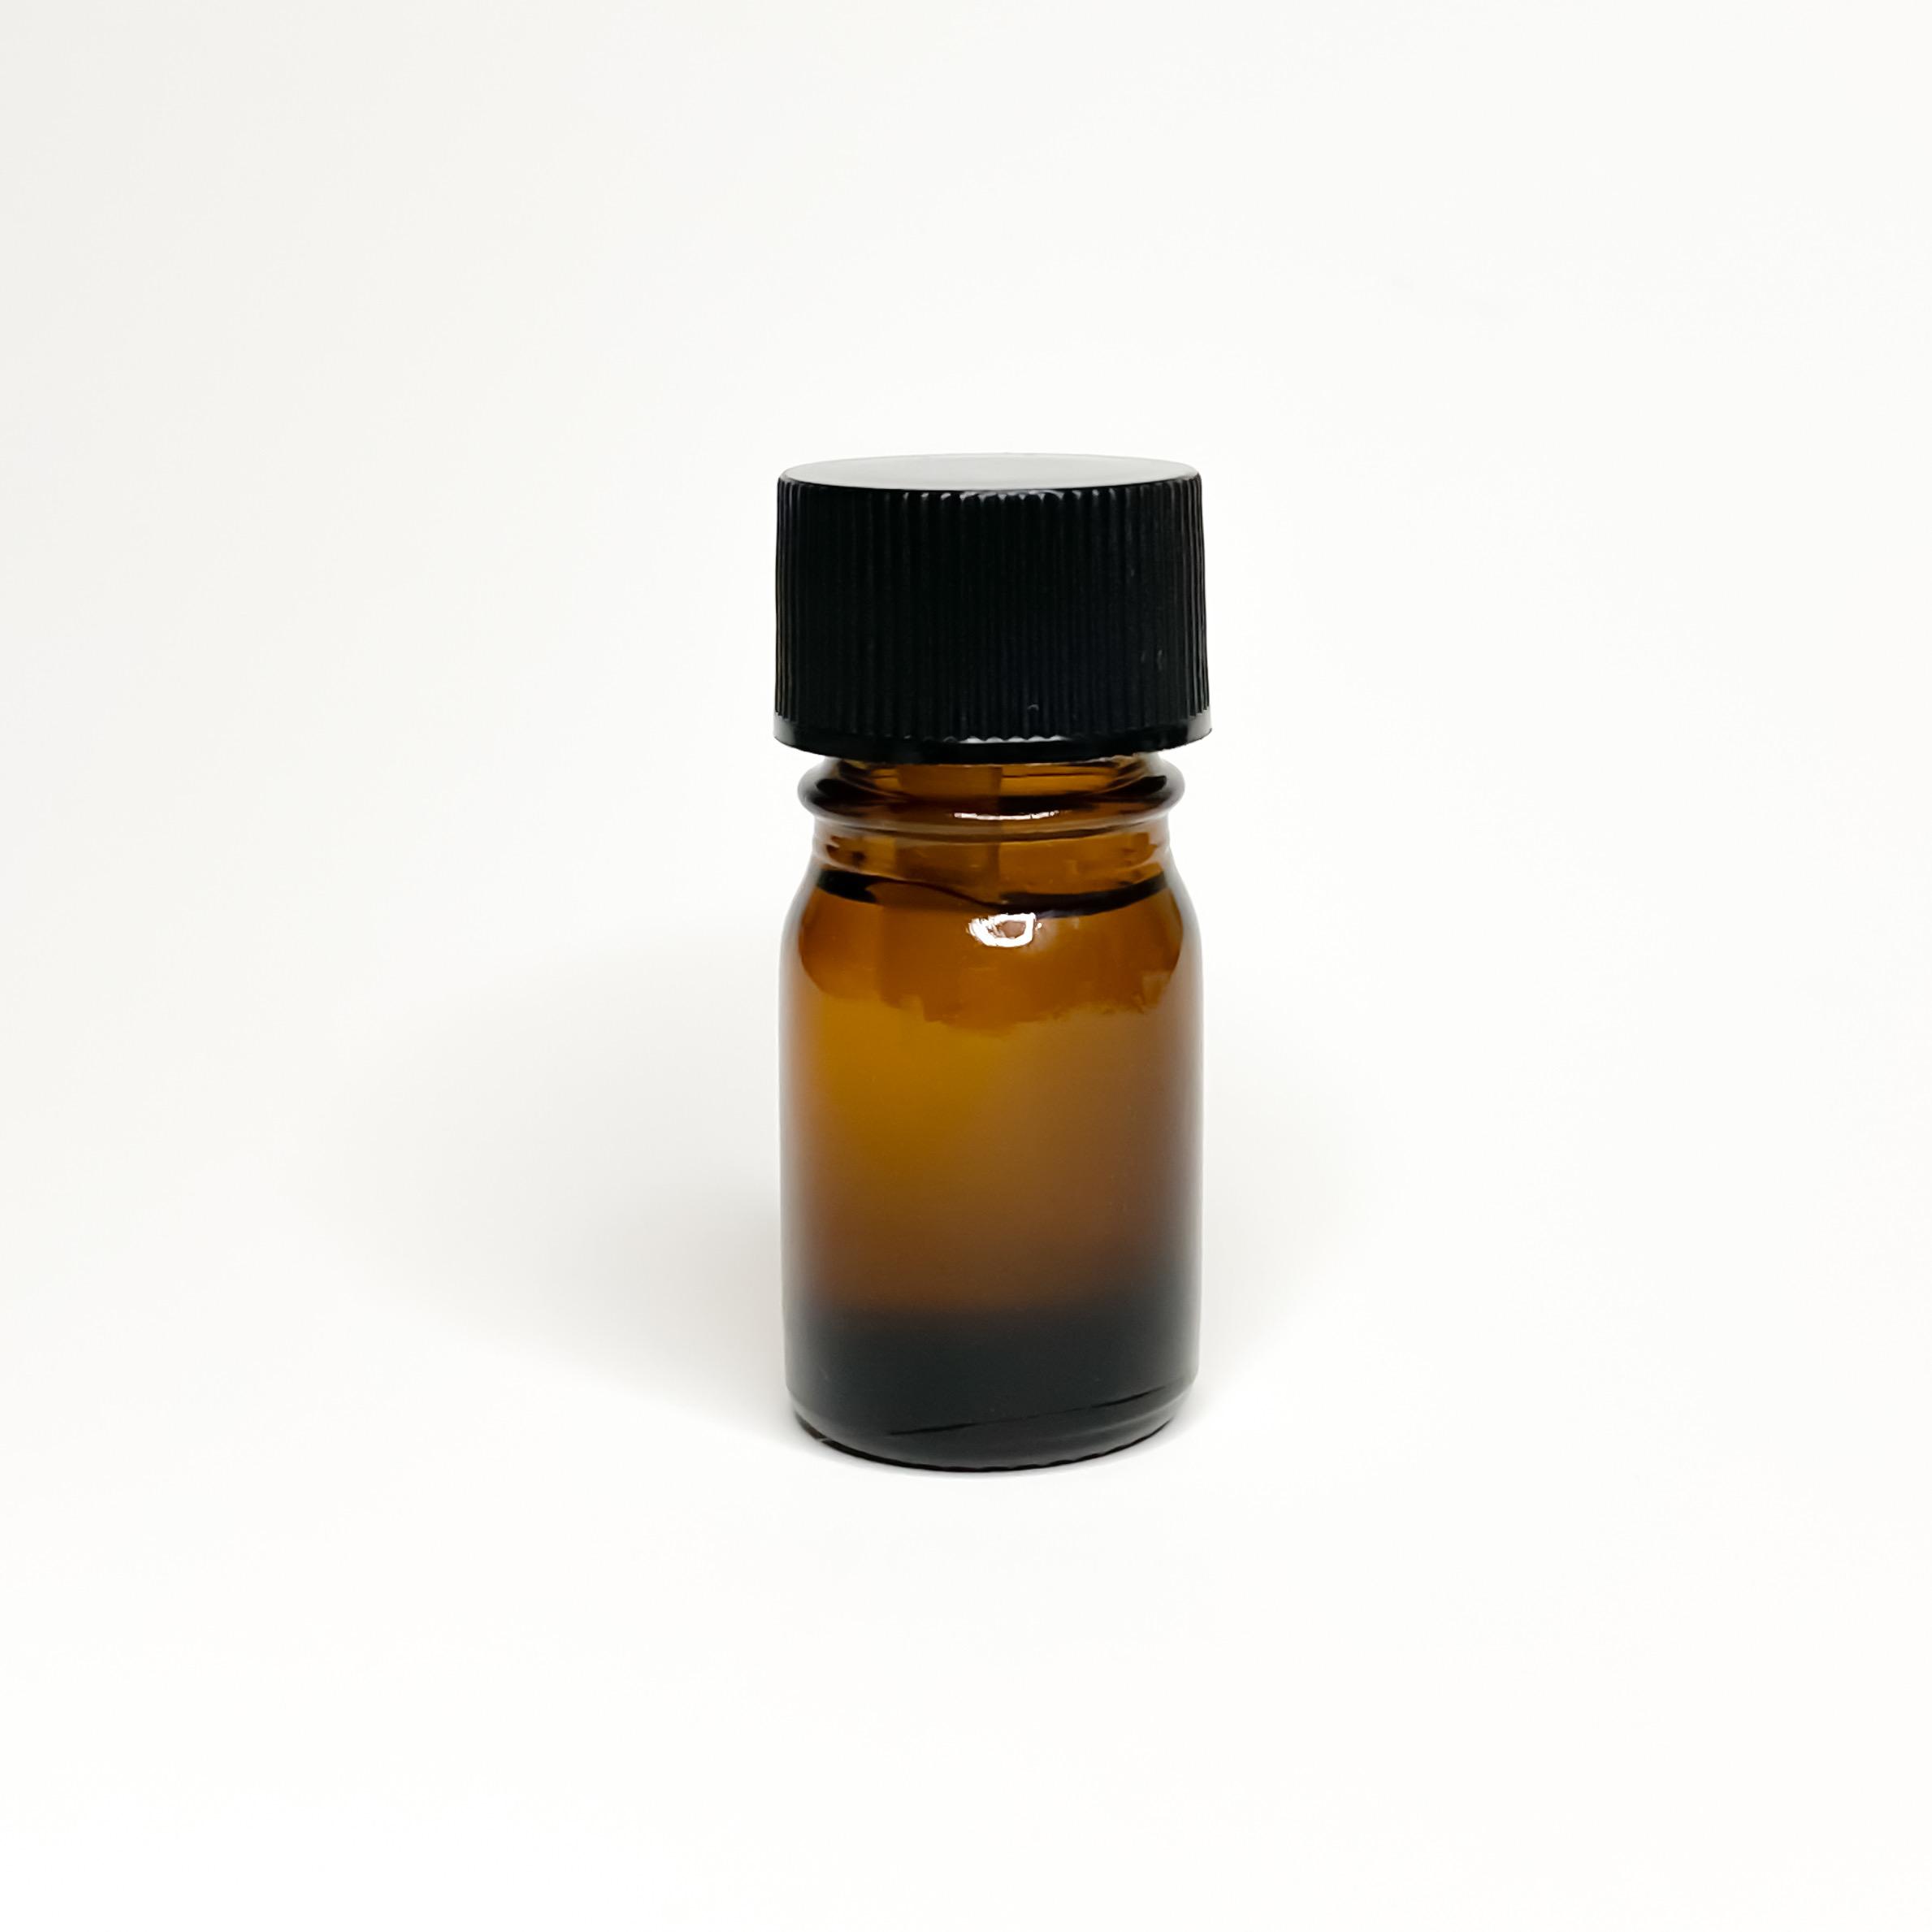 香りのギャラリー「金木犀の香り」(期間限定販売)